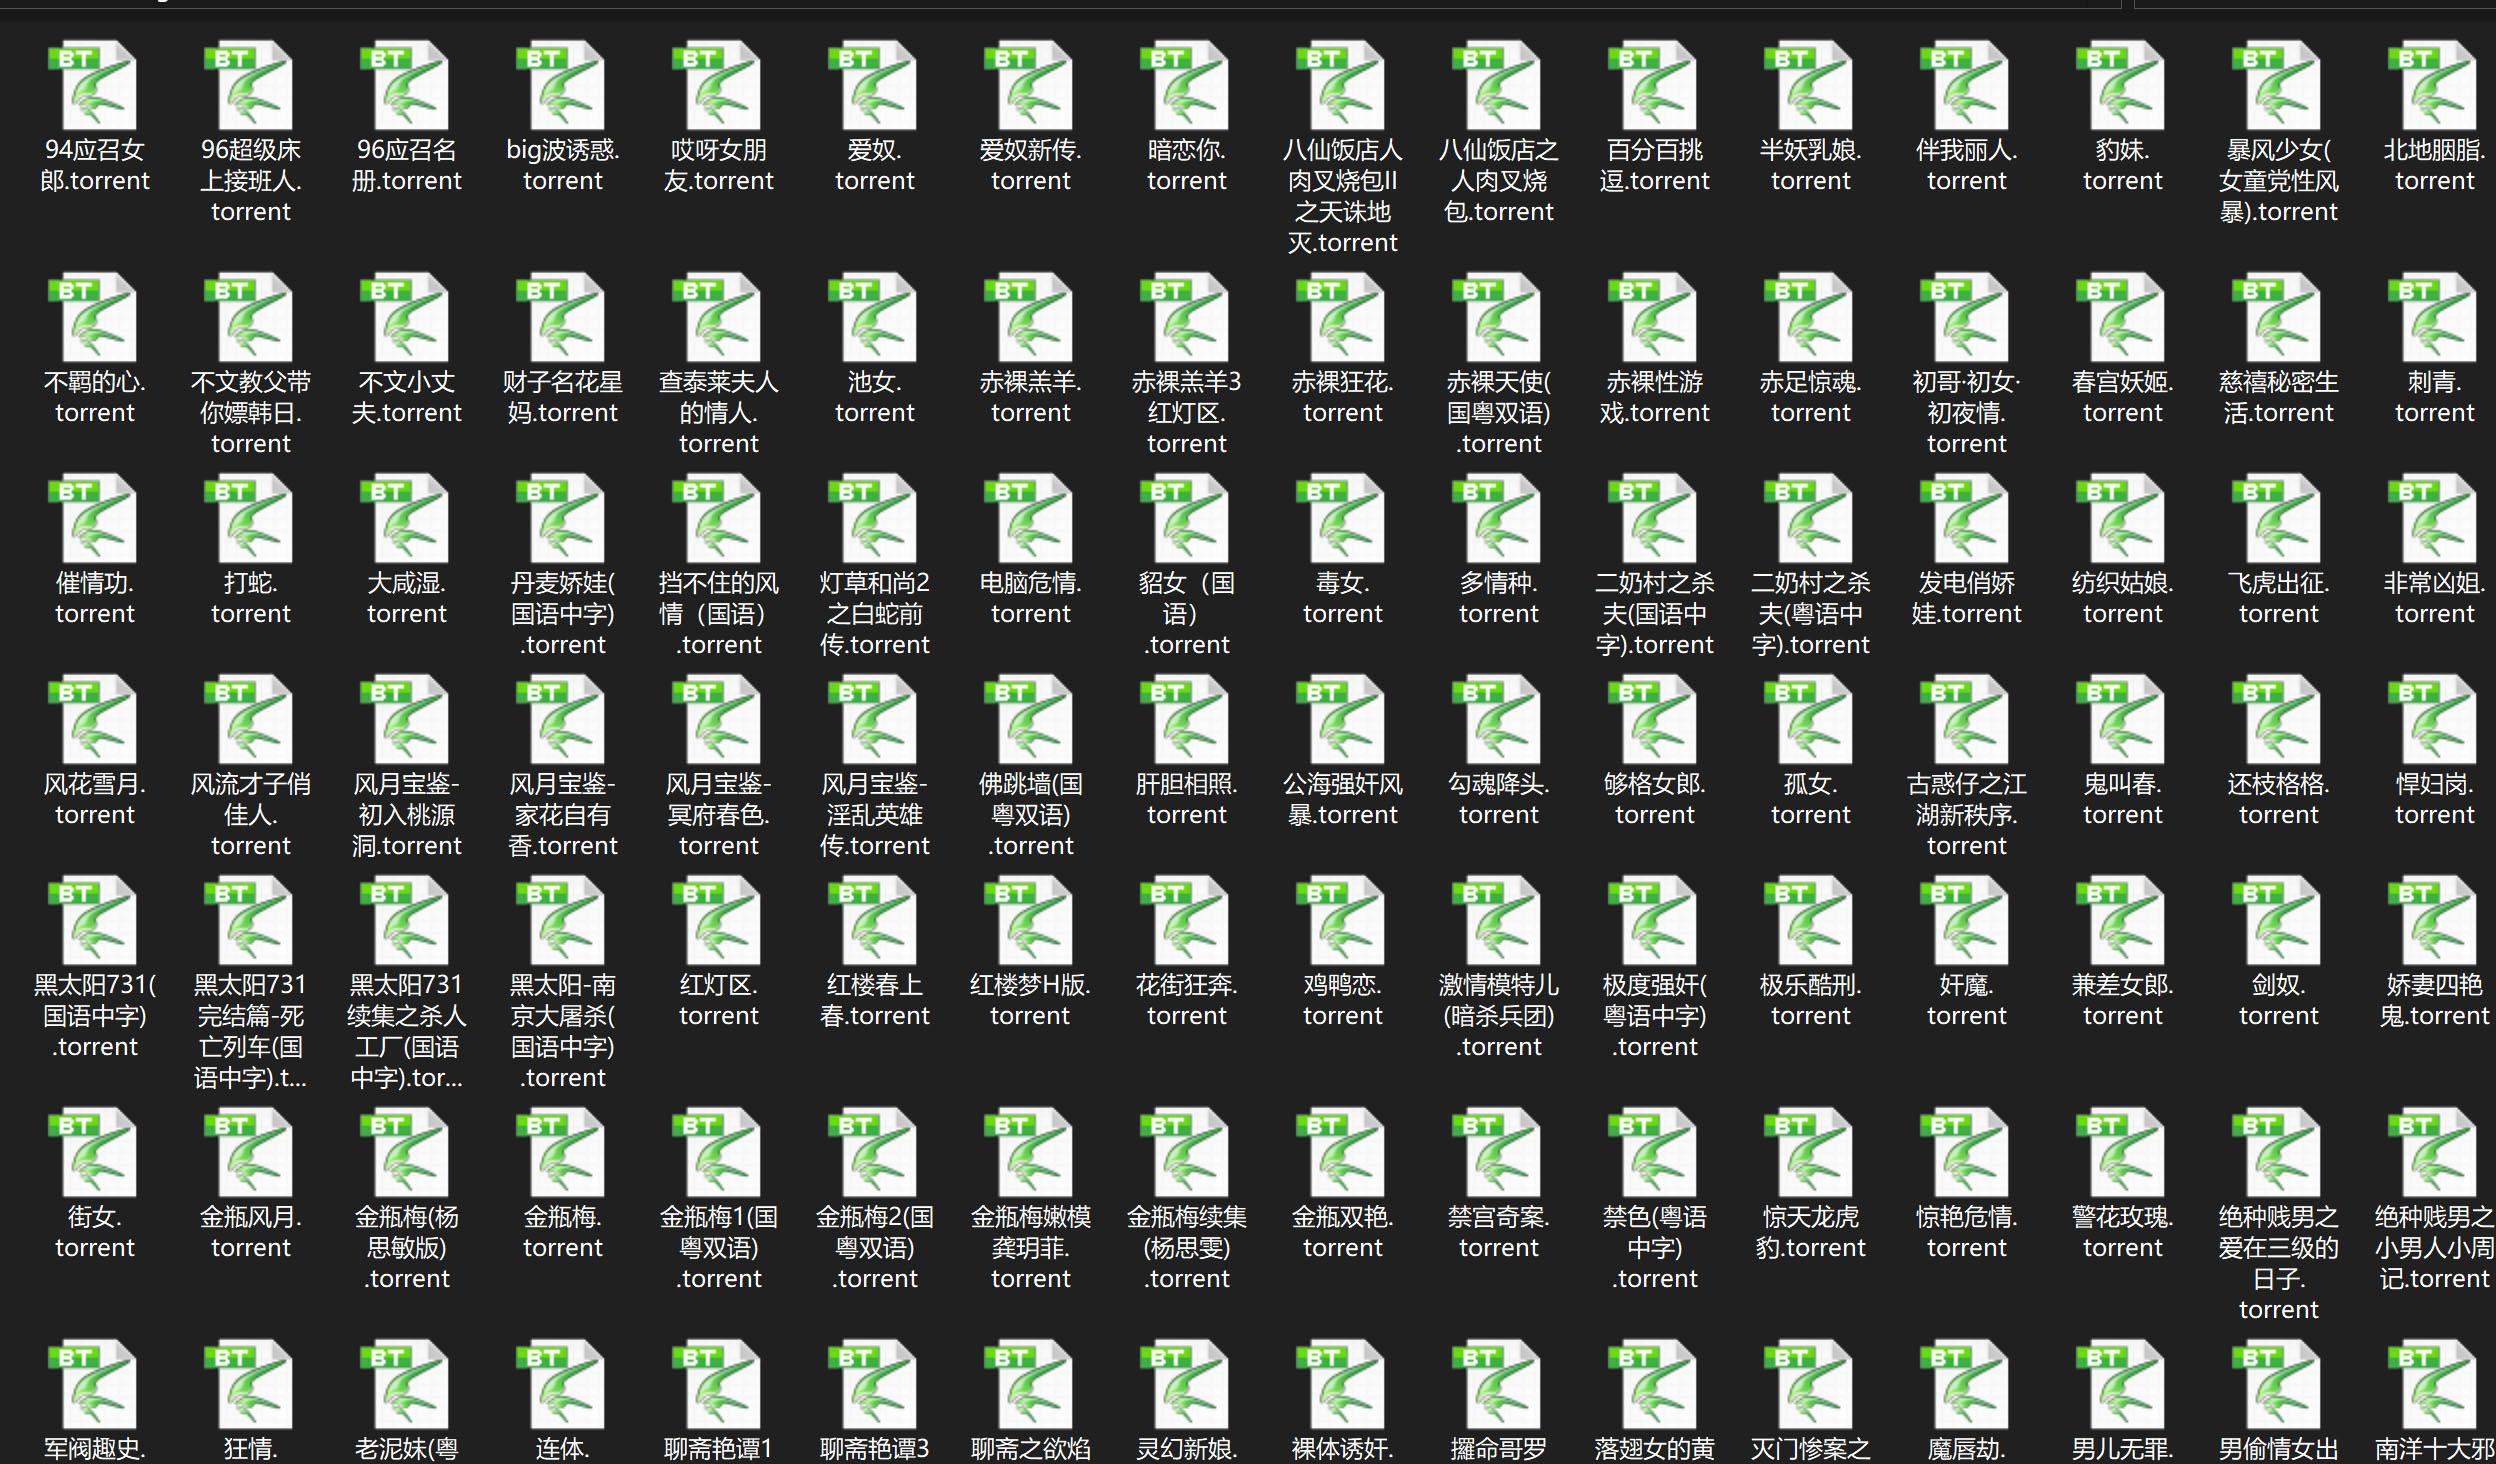 五一劳动节快乐,168 部可看香港+400 部韩国资源